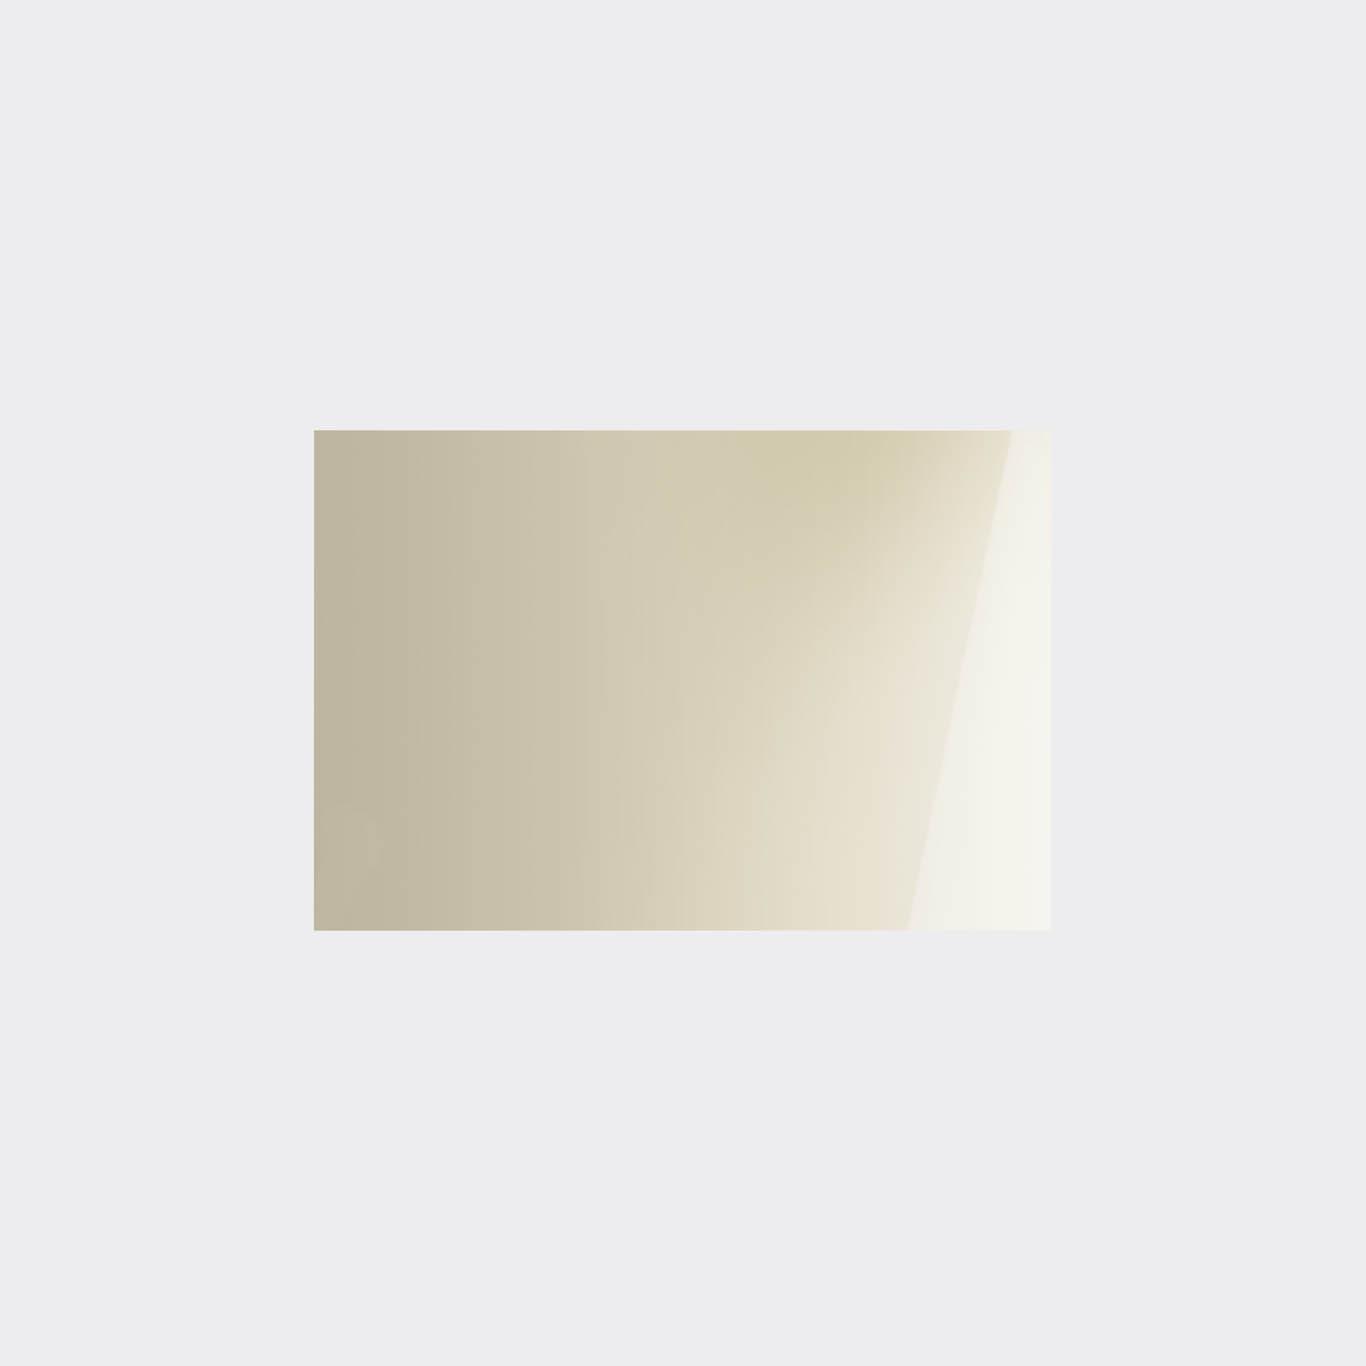 Smeg 110 Cream Glass Splashback